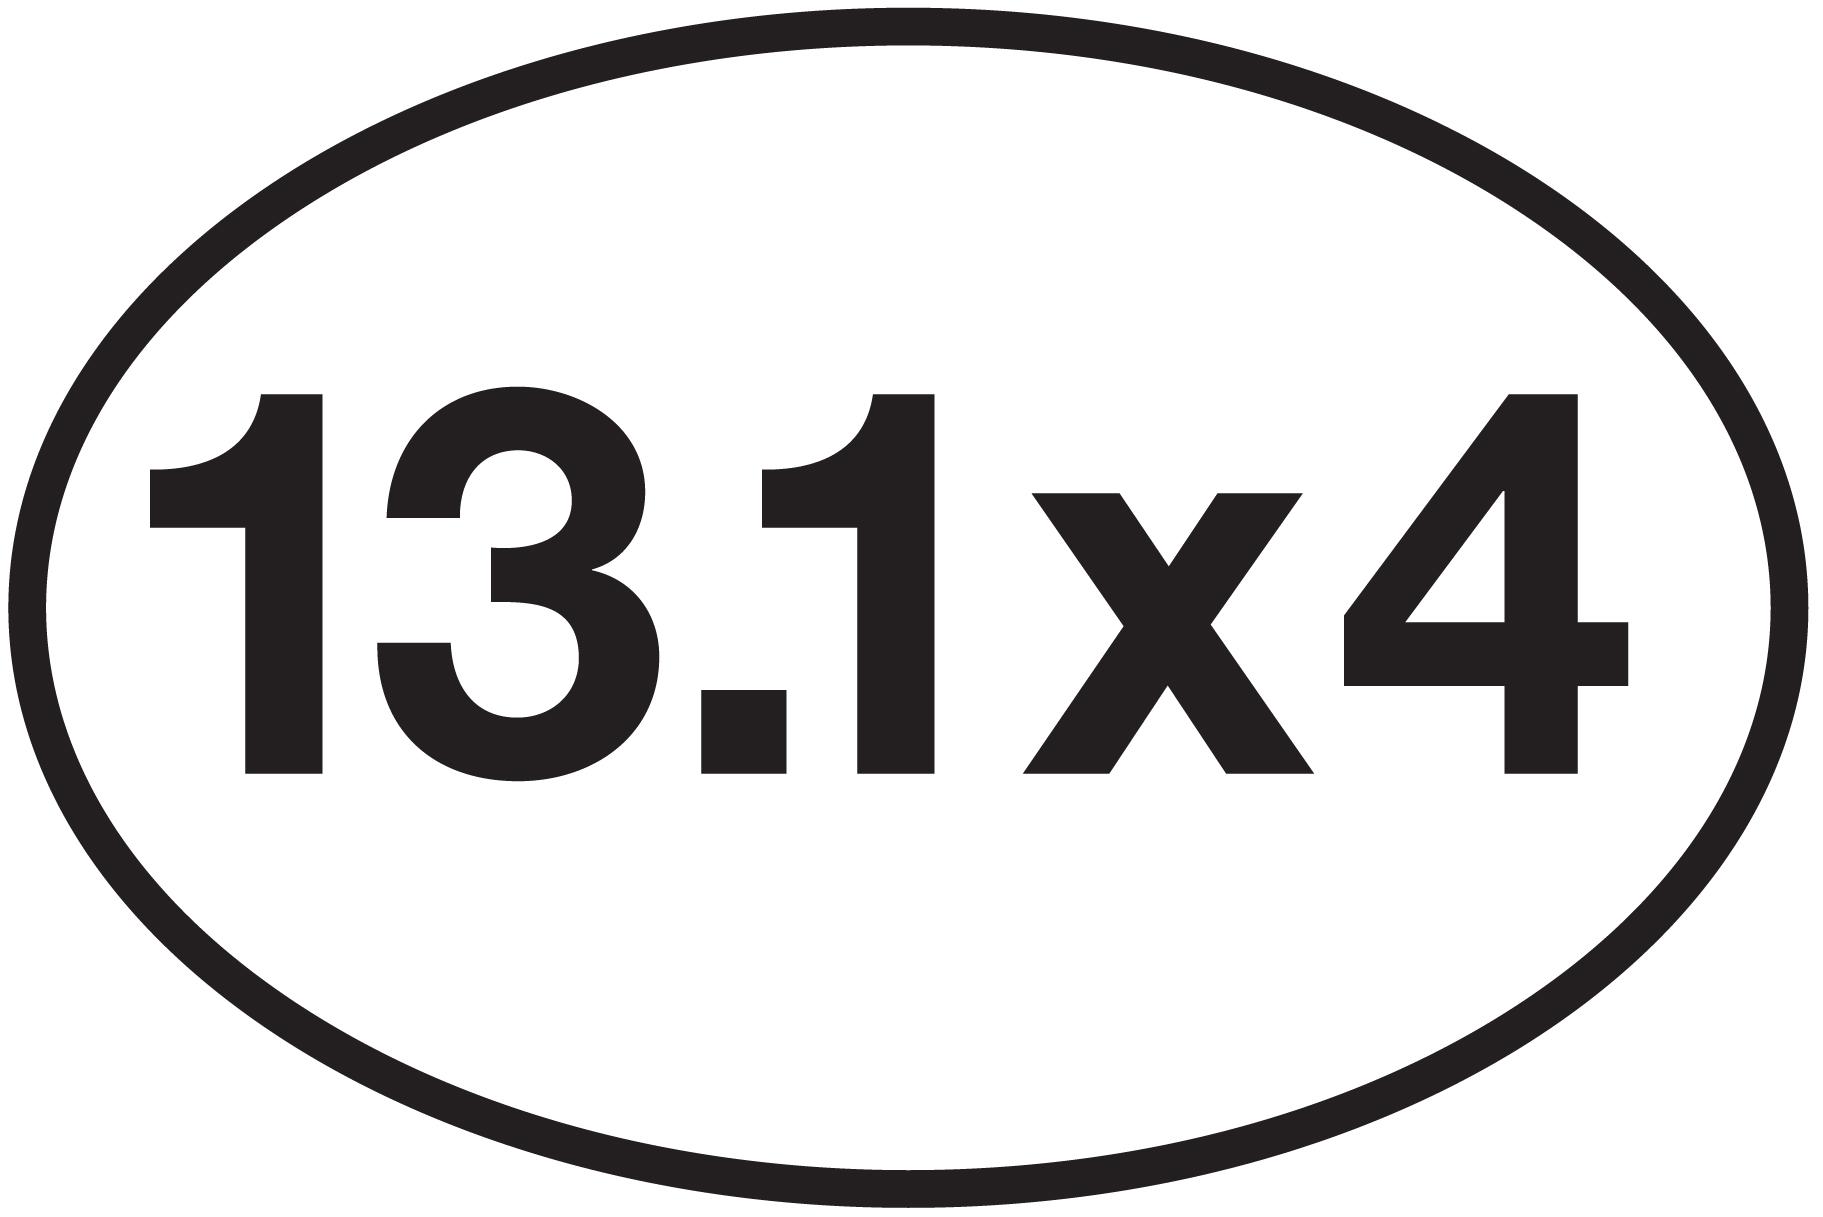 13 1 x 4 sticker 0